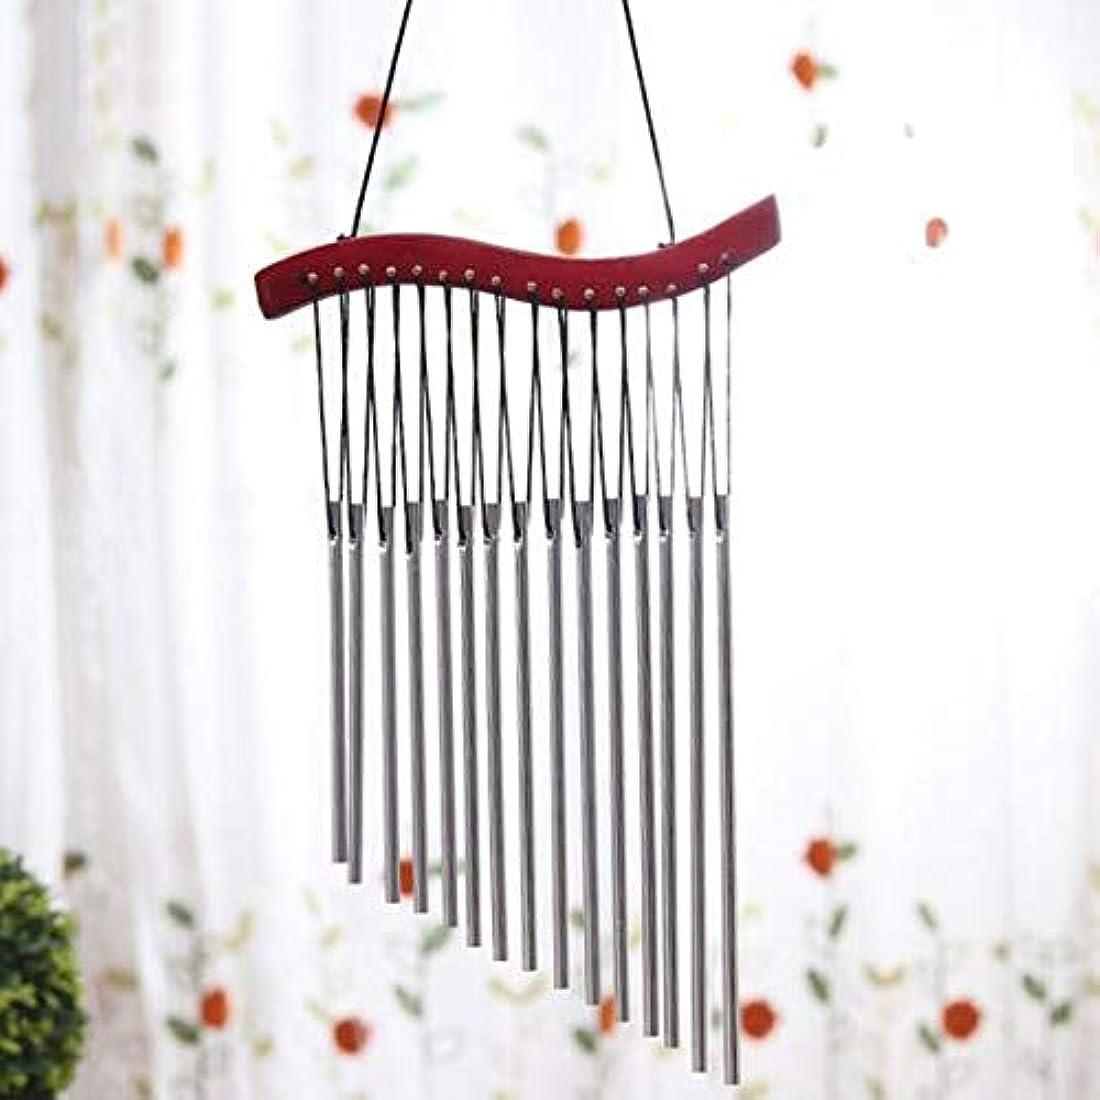 競争力のある落胆する意図するHongyuantongxun 風チャイム、木製メタルクリエイティブ風の鐘、赤、全身について45CM,、装飾品ペンダント (Color : D)